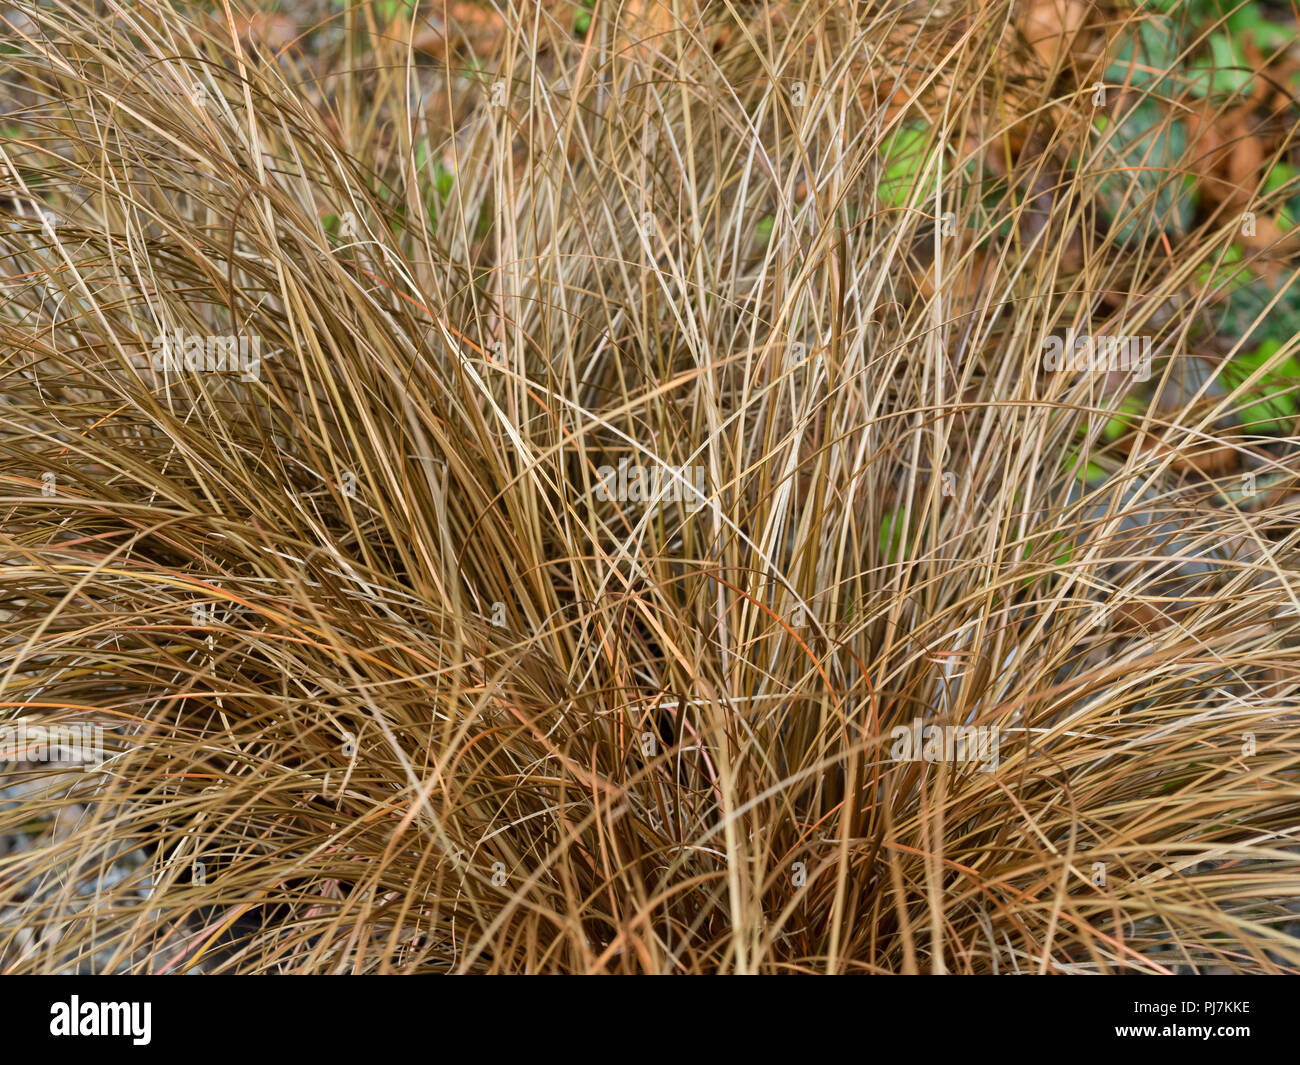 Stretto il fogliame in bronzo della evergreen, tumulo di formatura, piangendo brown sedge, Carex flagellifera Immagini Stock